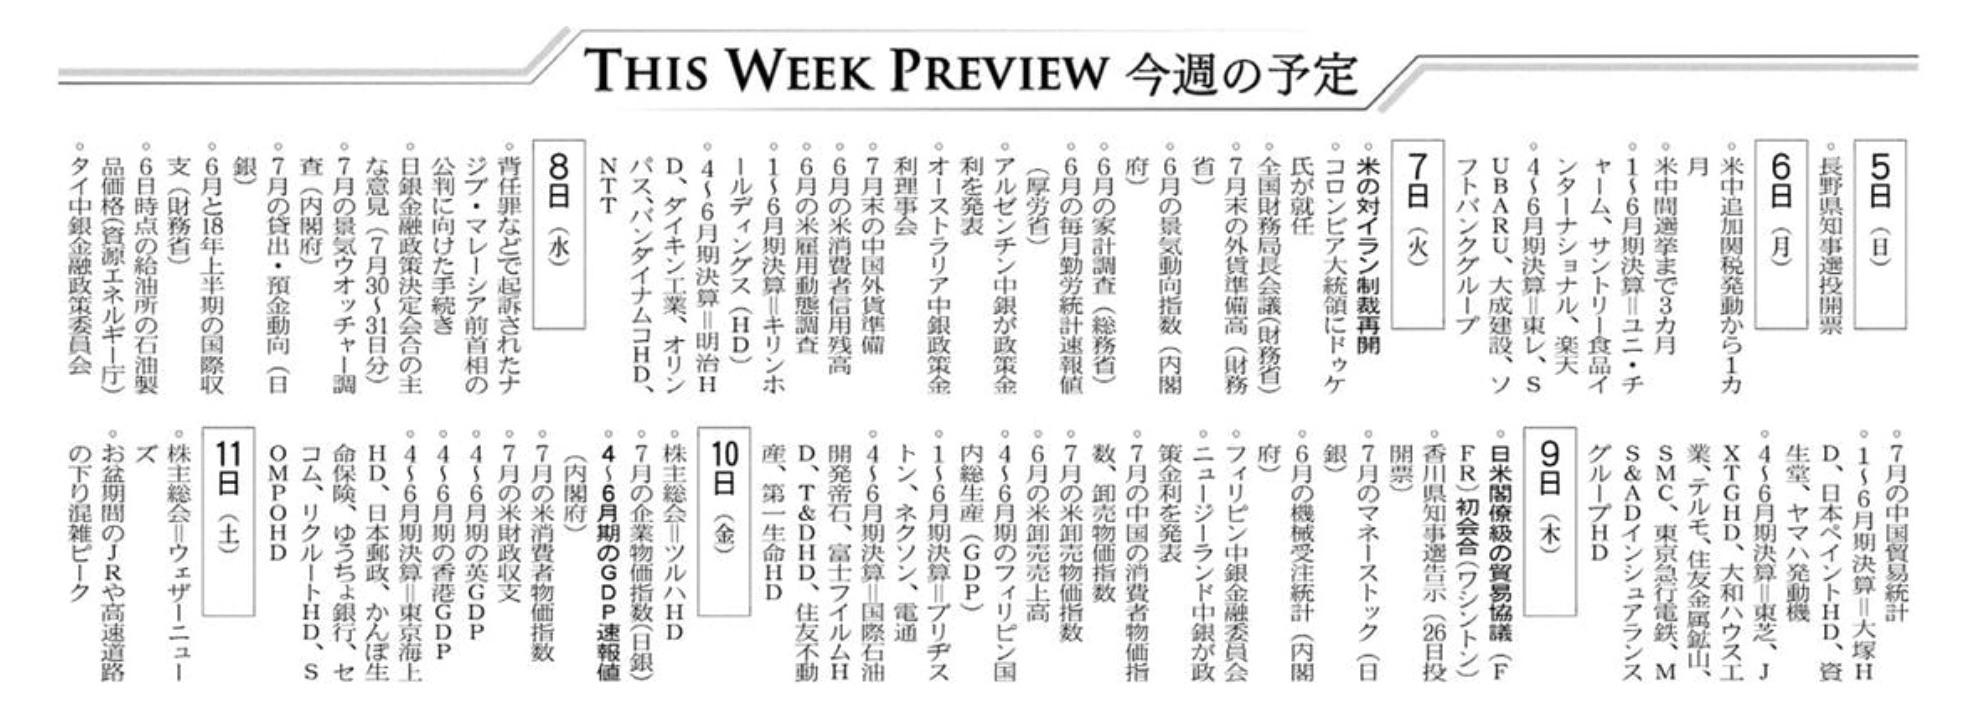 今週の予定(2018/8/5付)